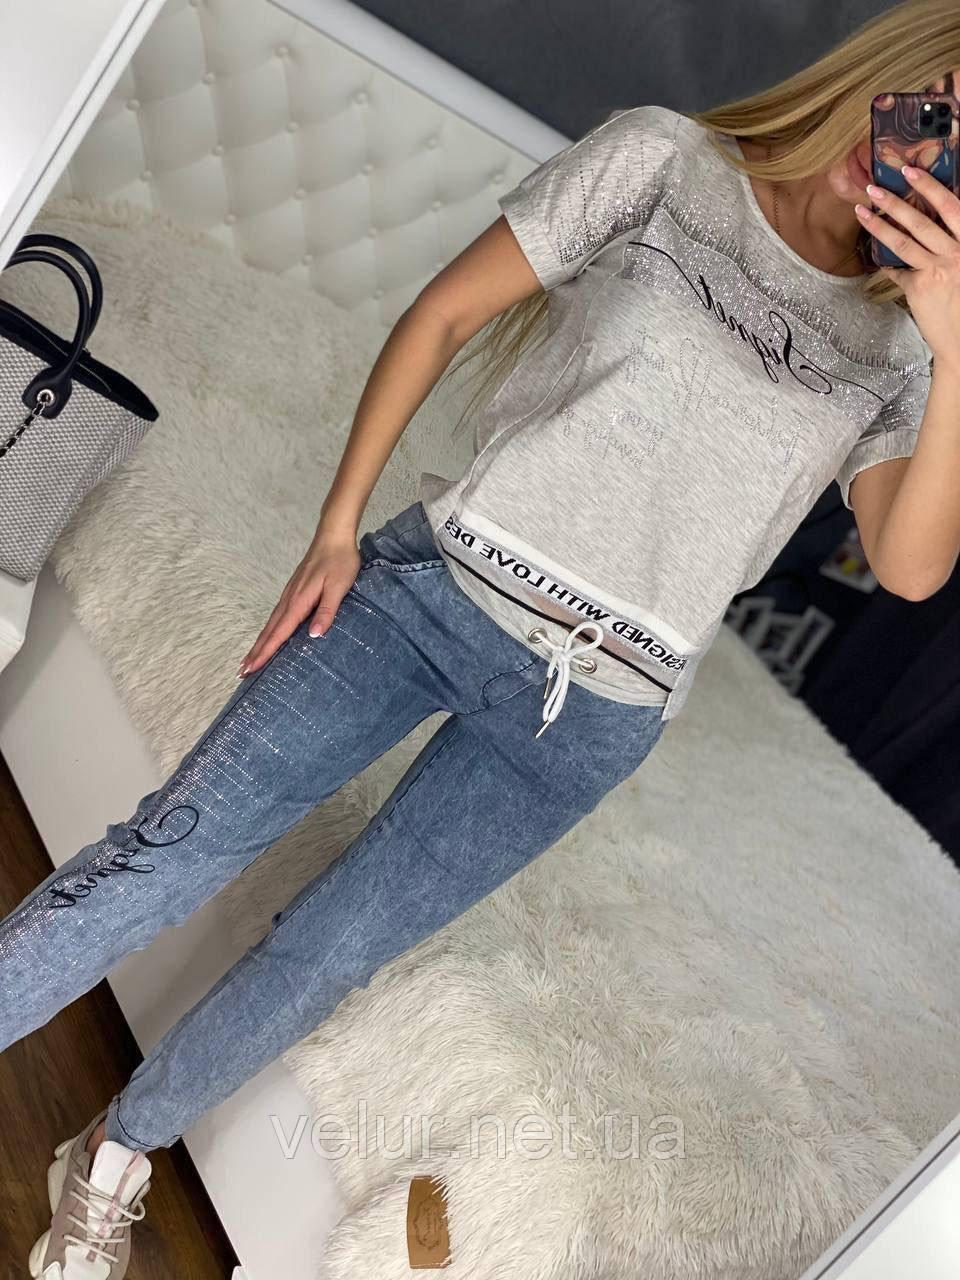 Жіночий літній костюм *Печатка* з джинсами ,(Туреччина); 48,50,52,54,56 (наші розміри)